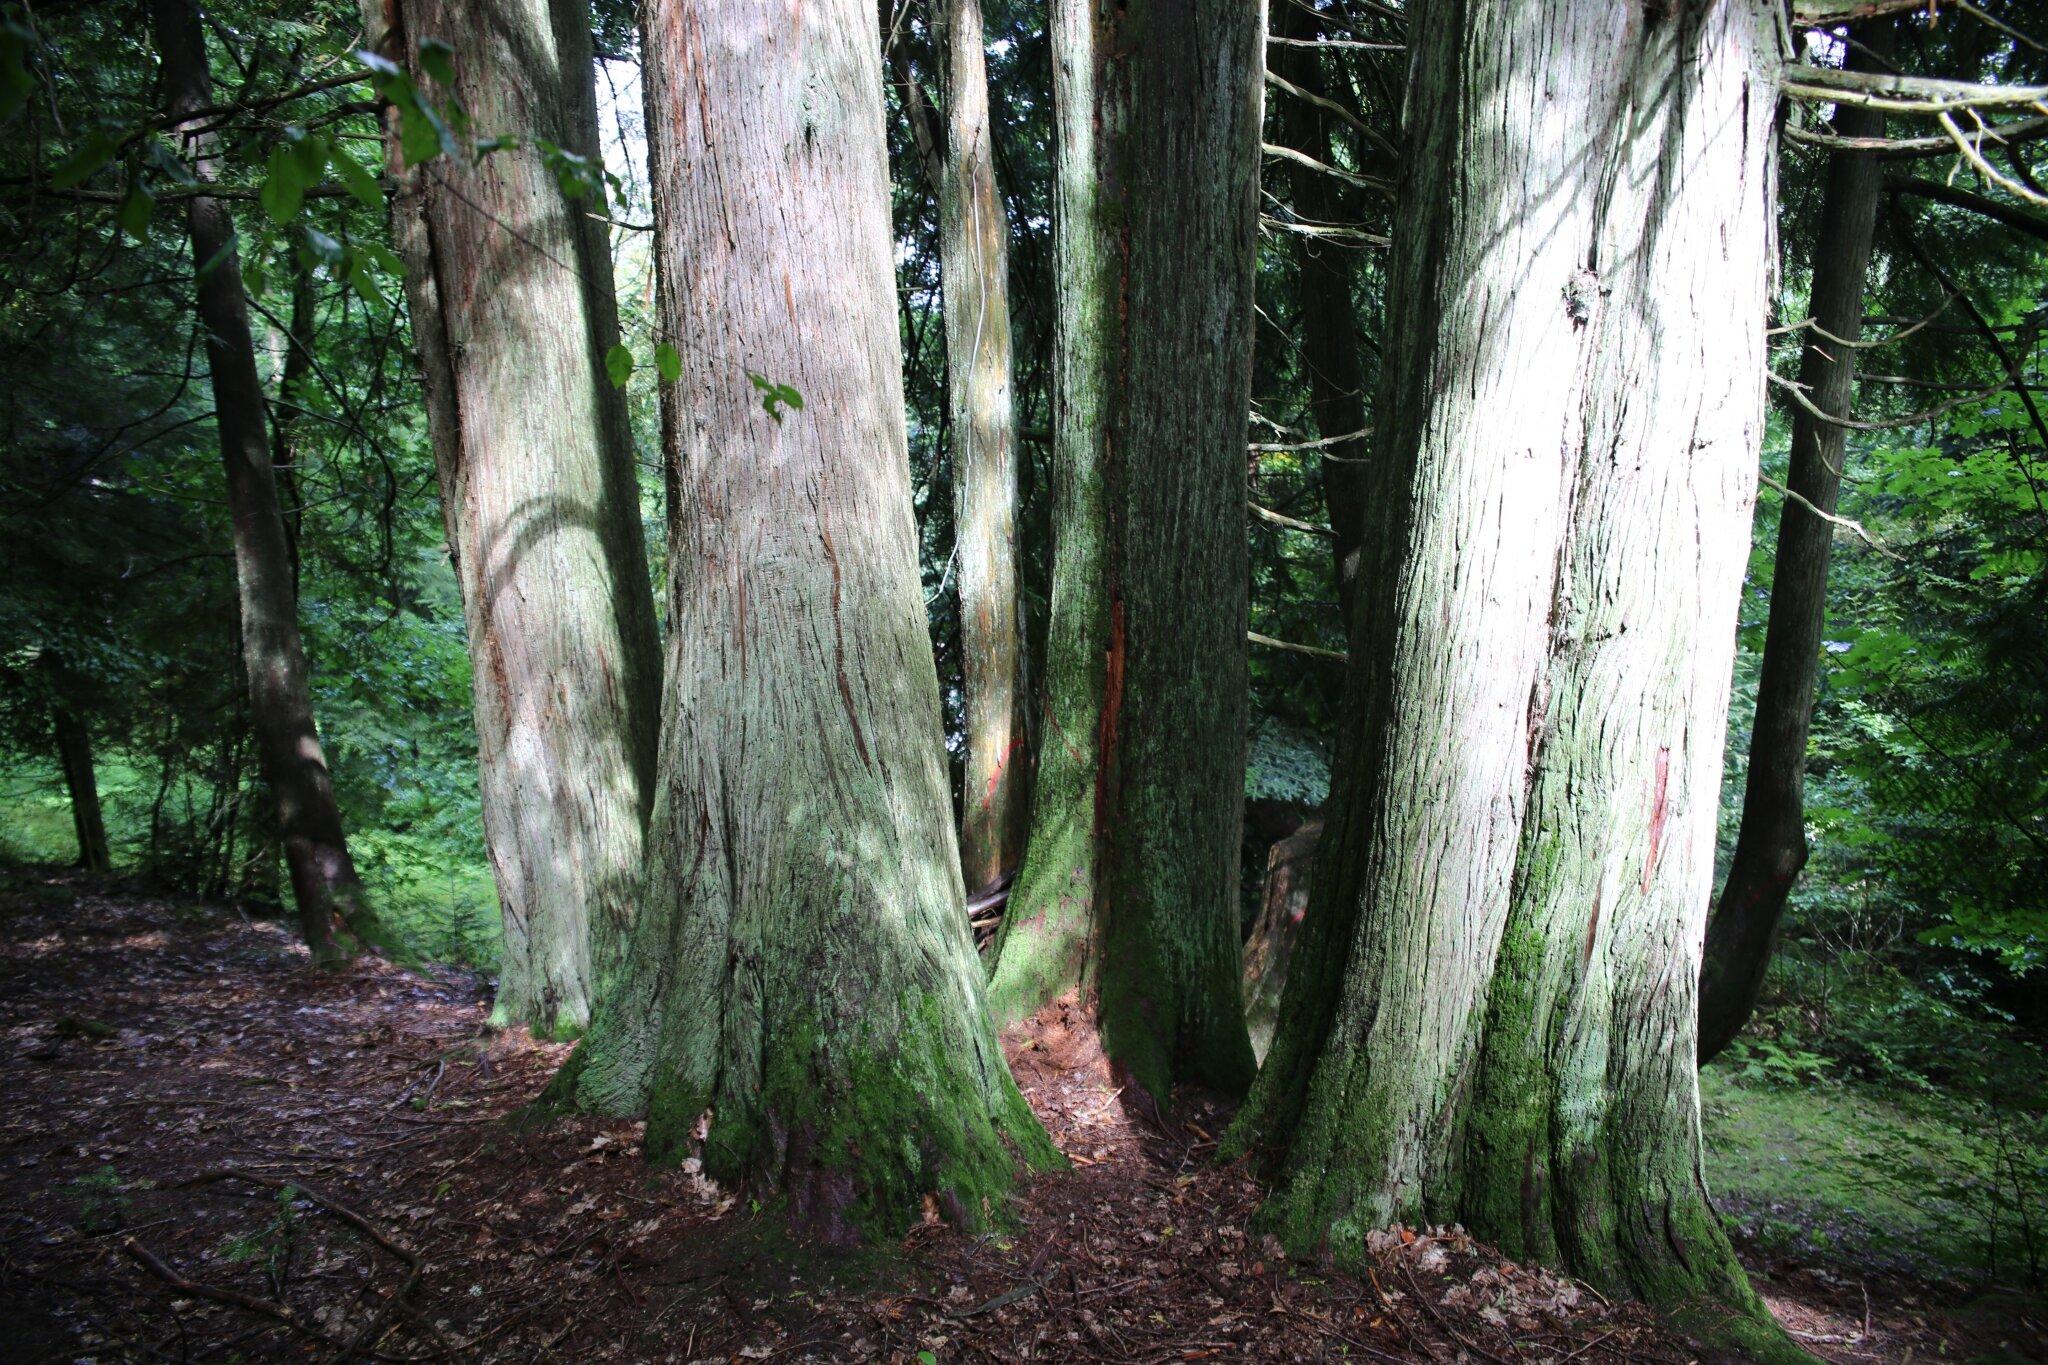 9N3A5125 le thuya plicata un des leurons de l'arboretum